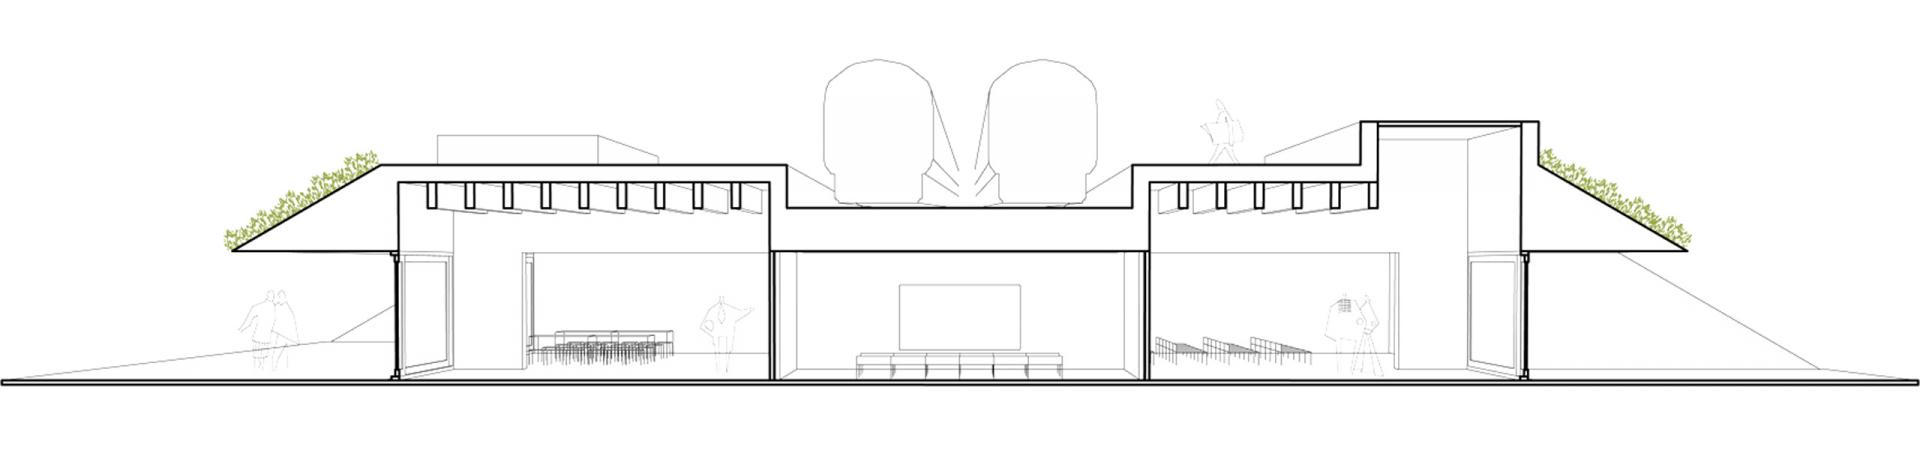 Oostvaarders Section 5